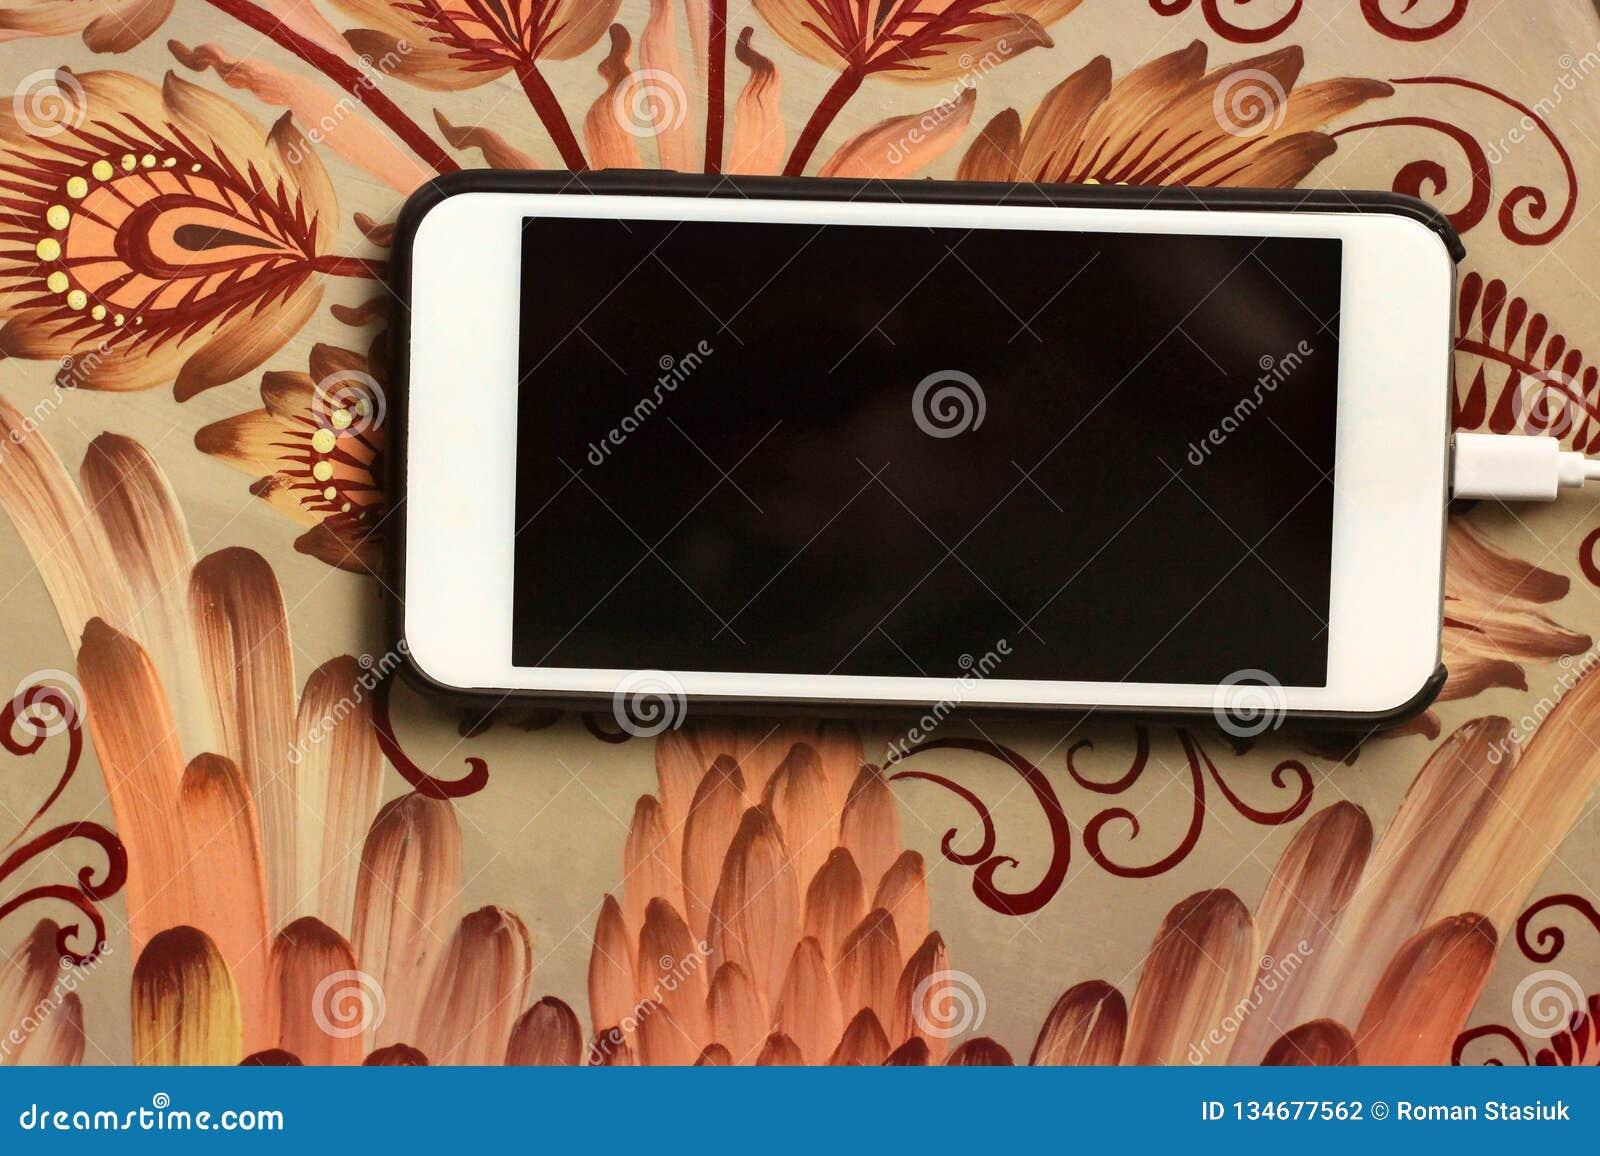 Telefon auf einer schönen Tabelle